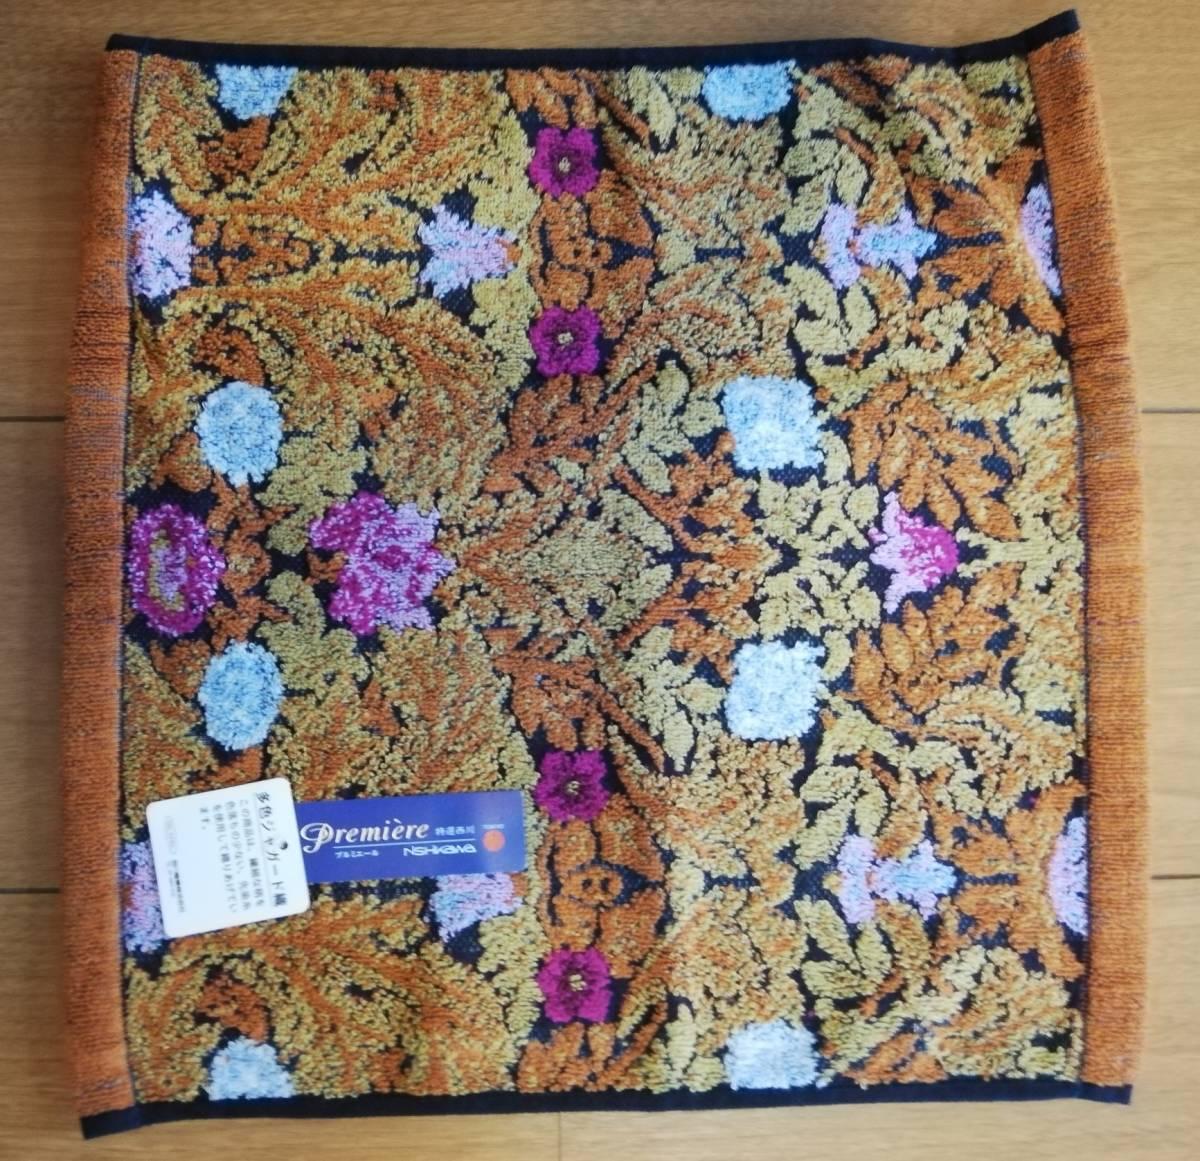 ジャガード織 ウォッシュタオル 色違い2種類のセット 西川産業 日本製 綿100% プリミエール 未使用_画像2